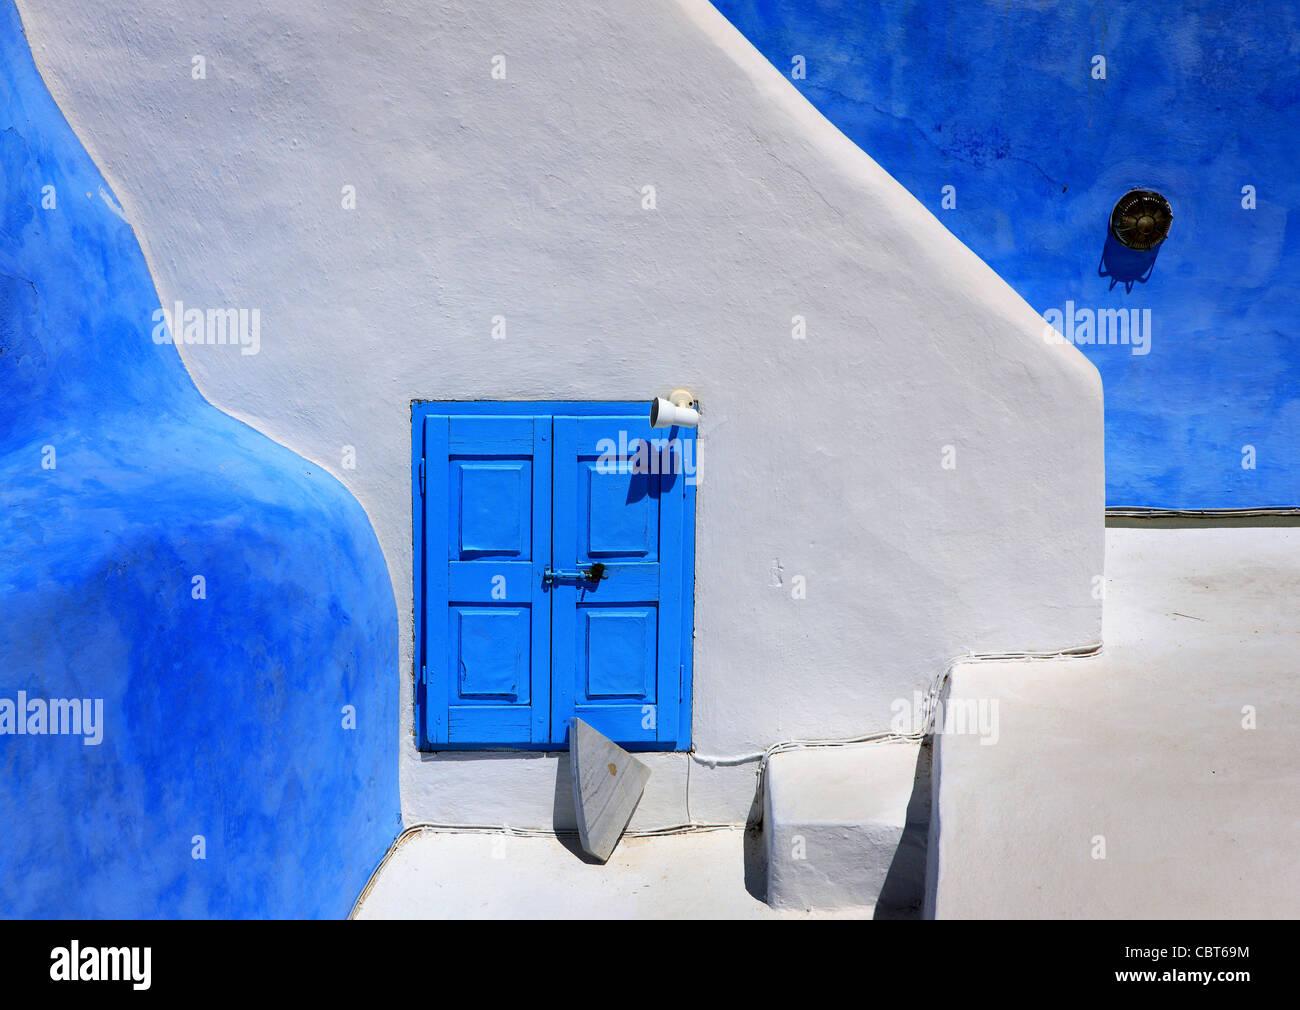 Hermosa y tradicional, la mínima, la arquitectura de la ciudad de Oia, isla de Santorini, Grecia Imagen De Stock